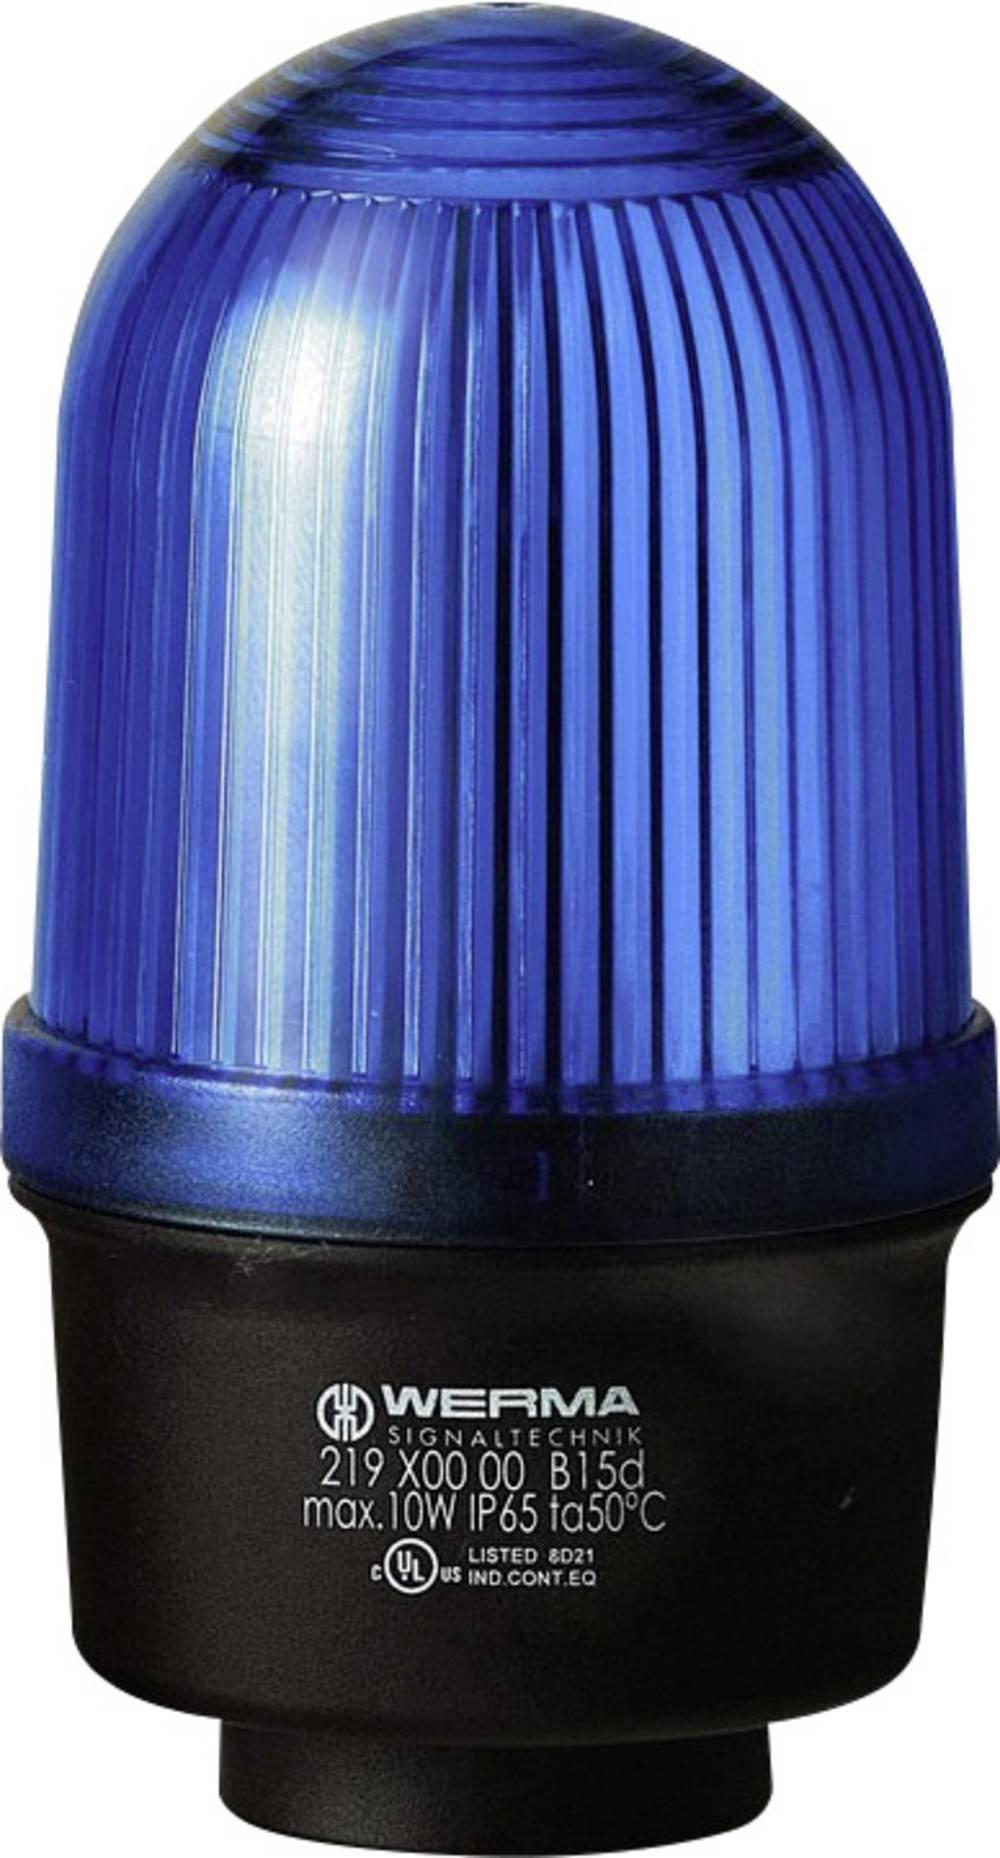 Signalna svjetiljka 219 RM 12-240 V/AC/DC plava Werma Signaltechnik 219.500.00